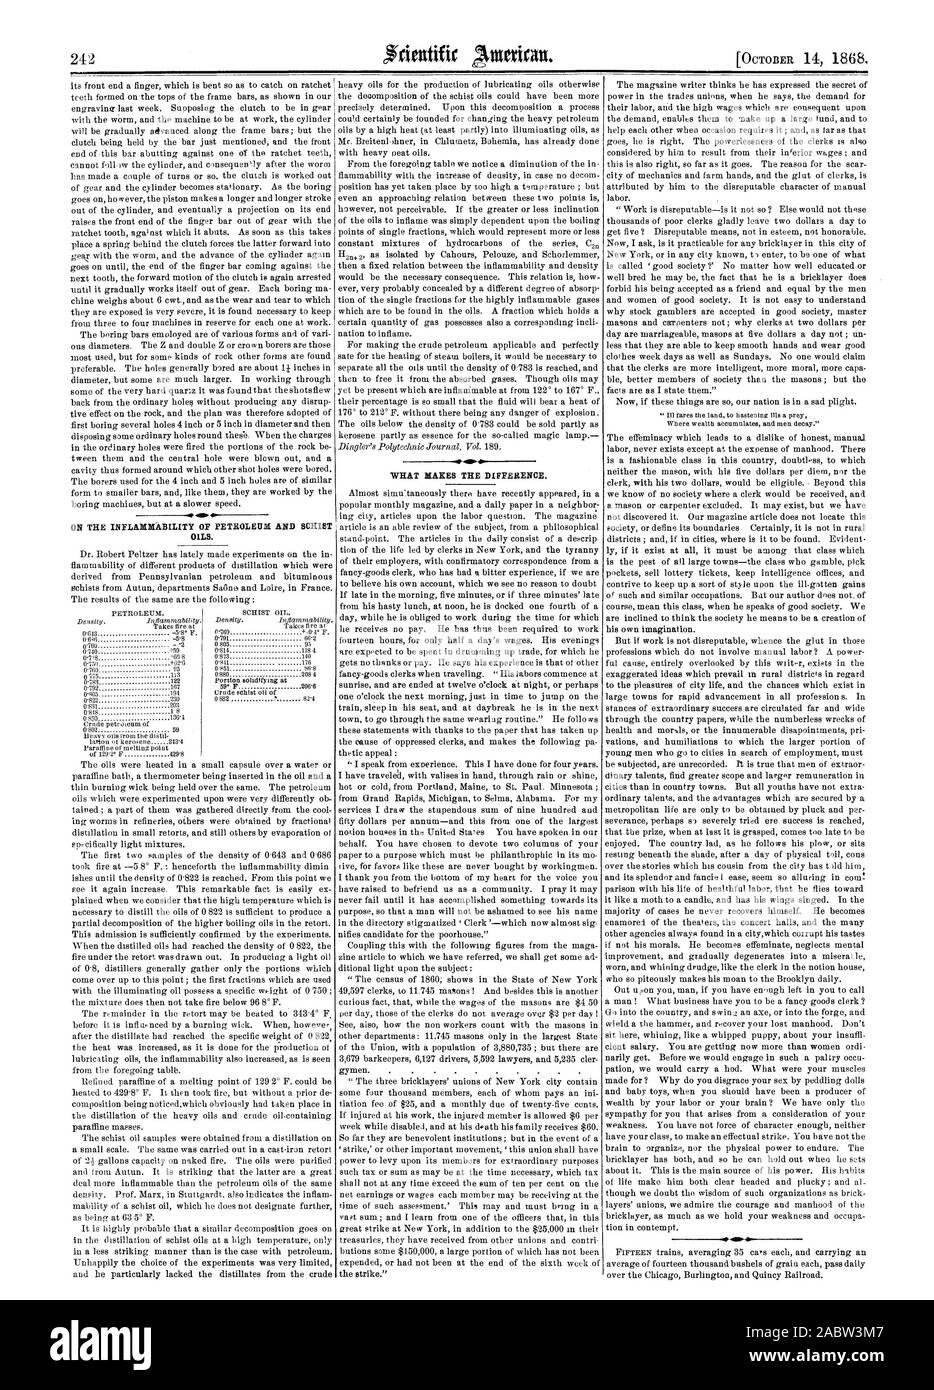 Sulla infiammabilità del petrolio e oli di scisto. Ciò che fa la differenza. 40, Scientific American, 1868-10-14 Foto Stock